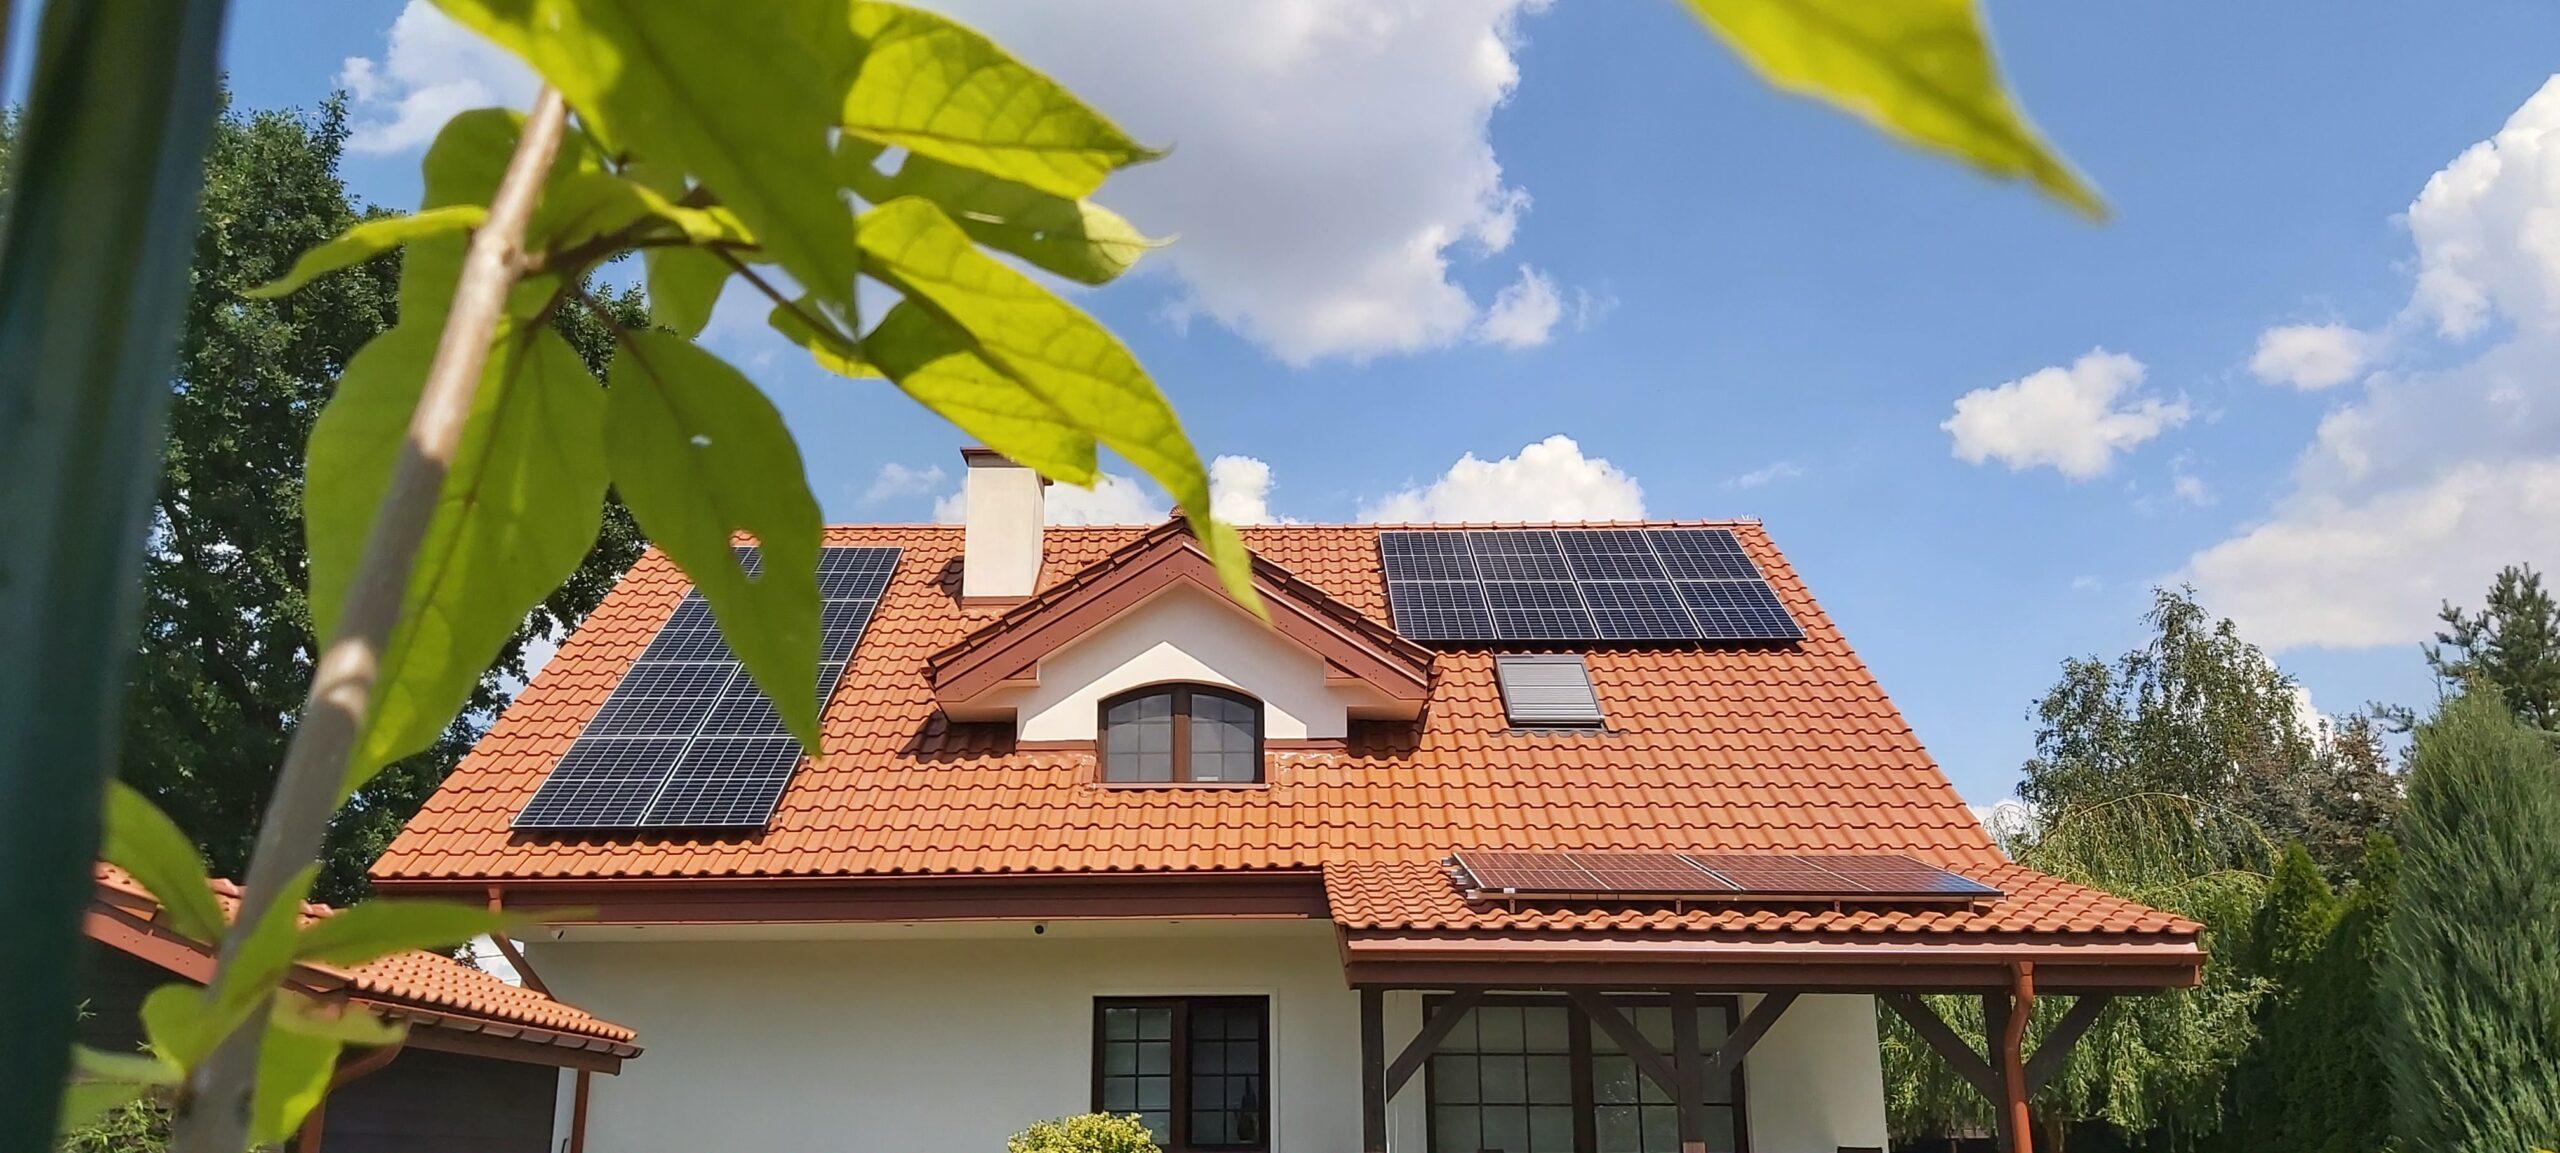 Instalacja fotowoltaiczna o mocy: 6,6 kWp – Włocławek